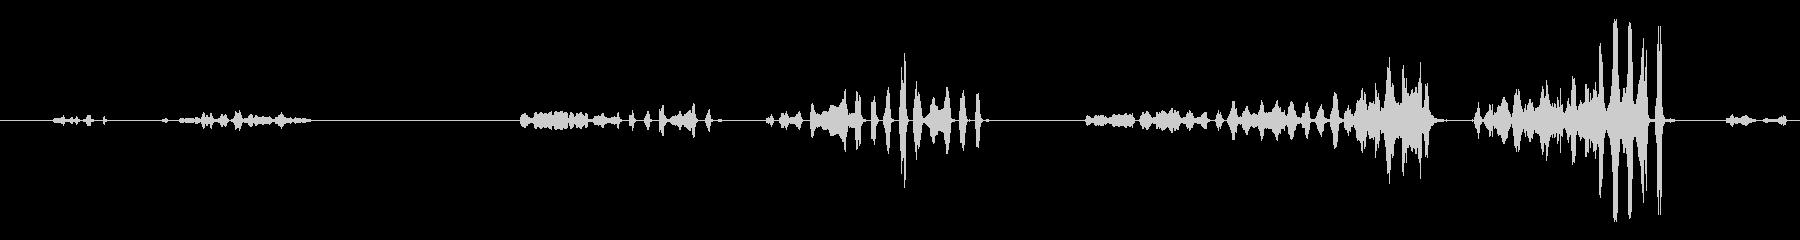 鳴き声の未再生の波形